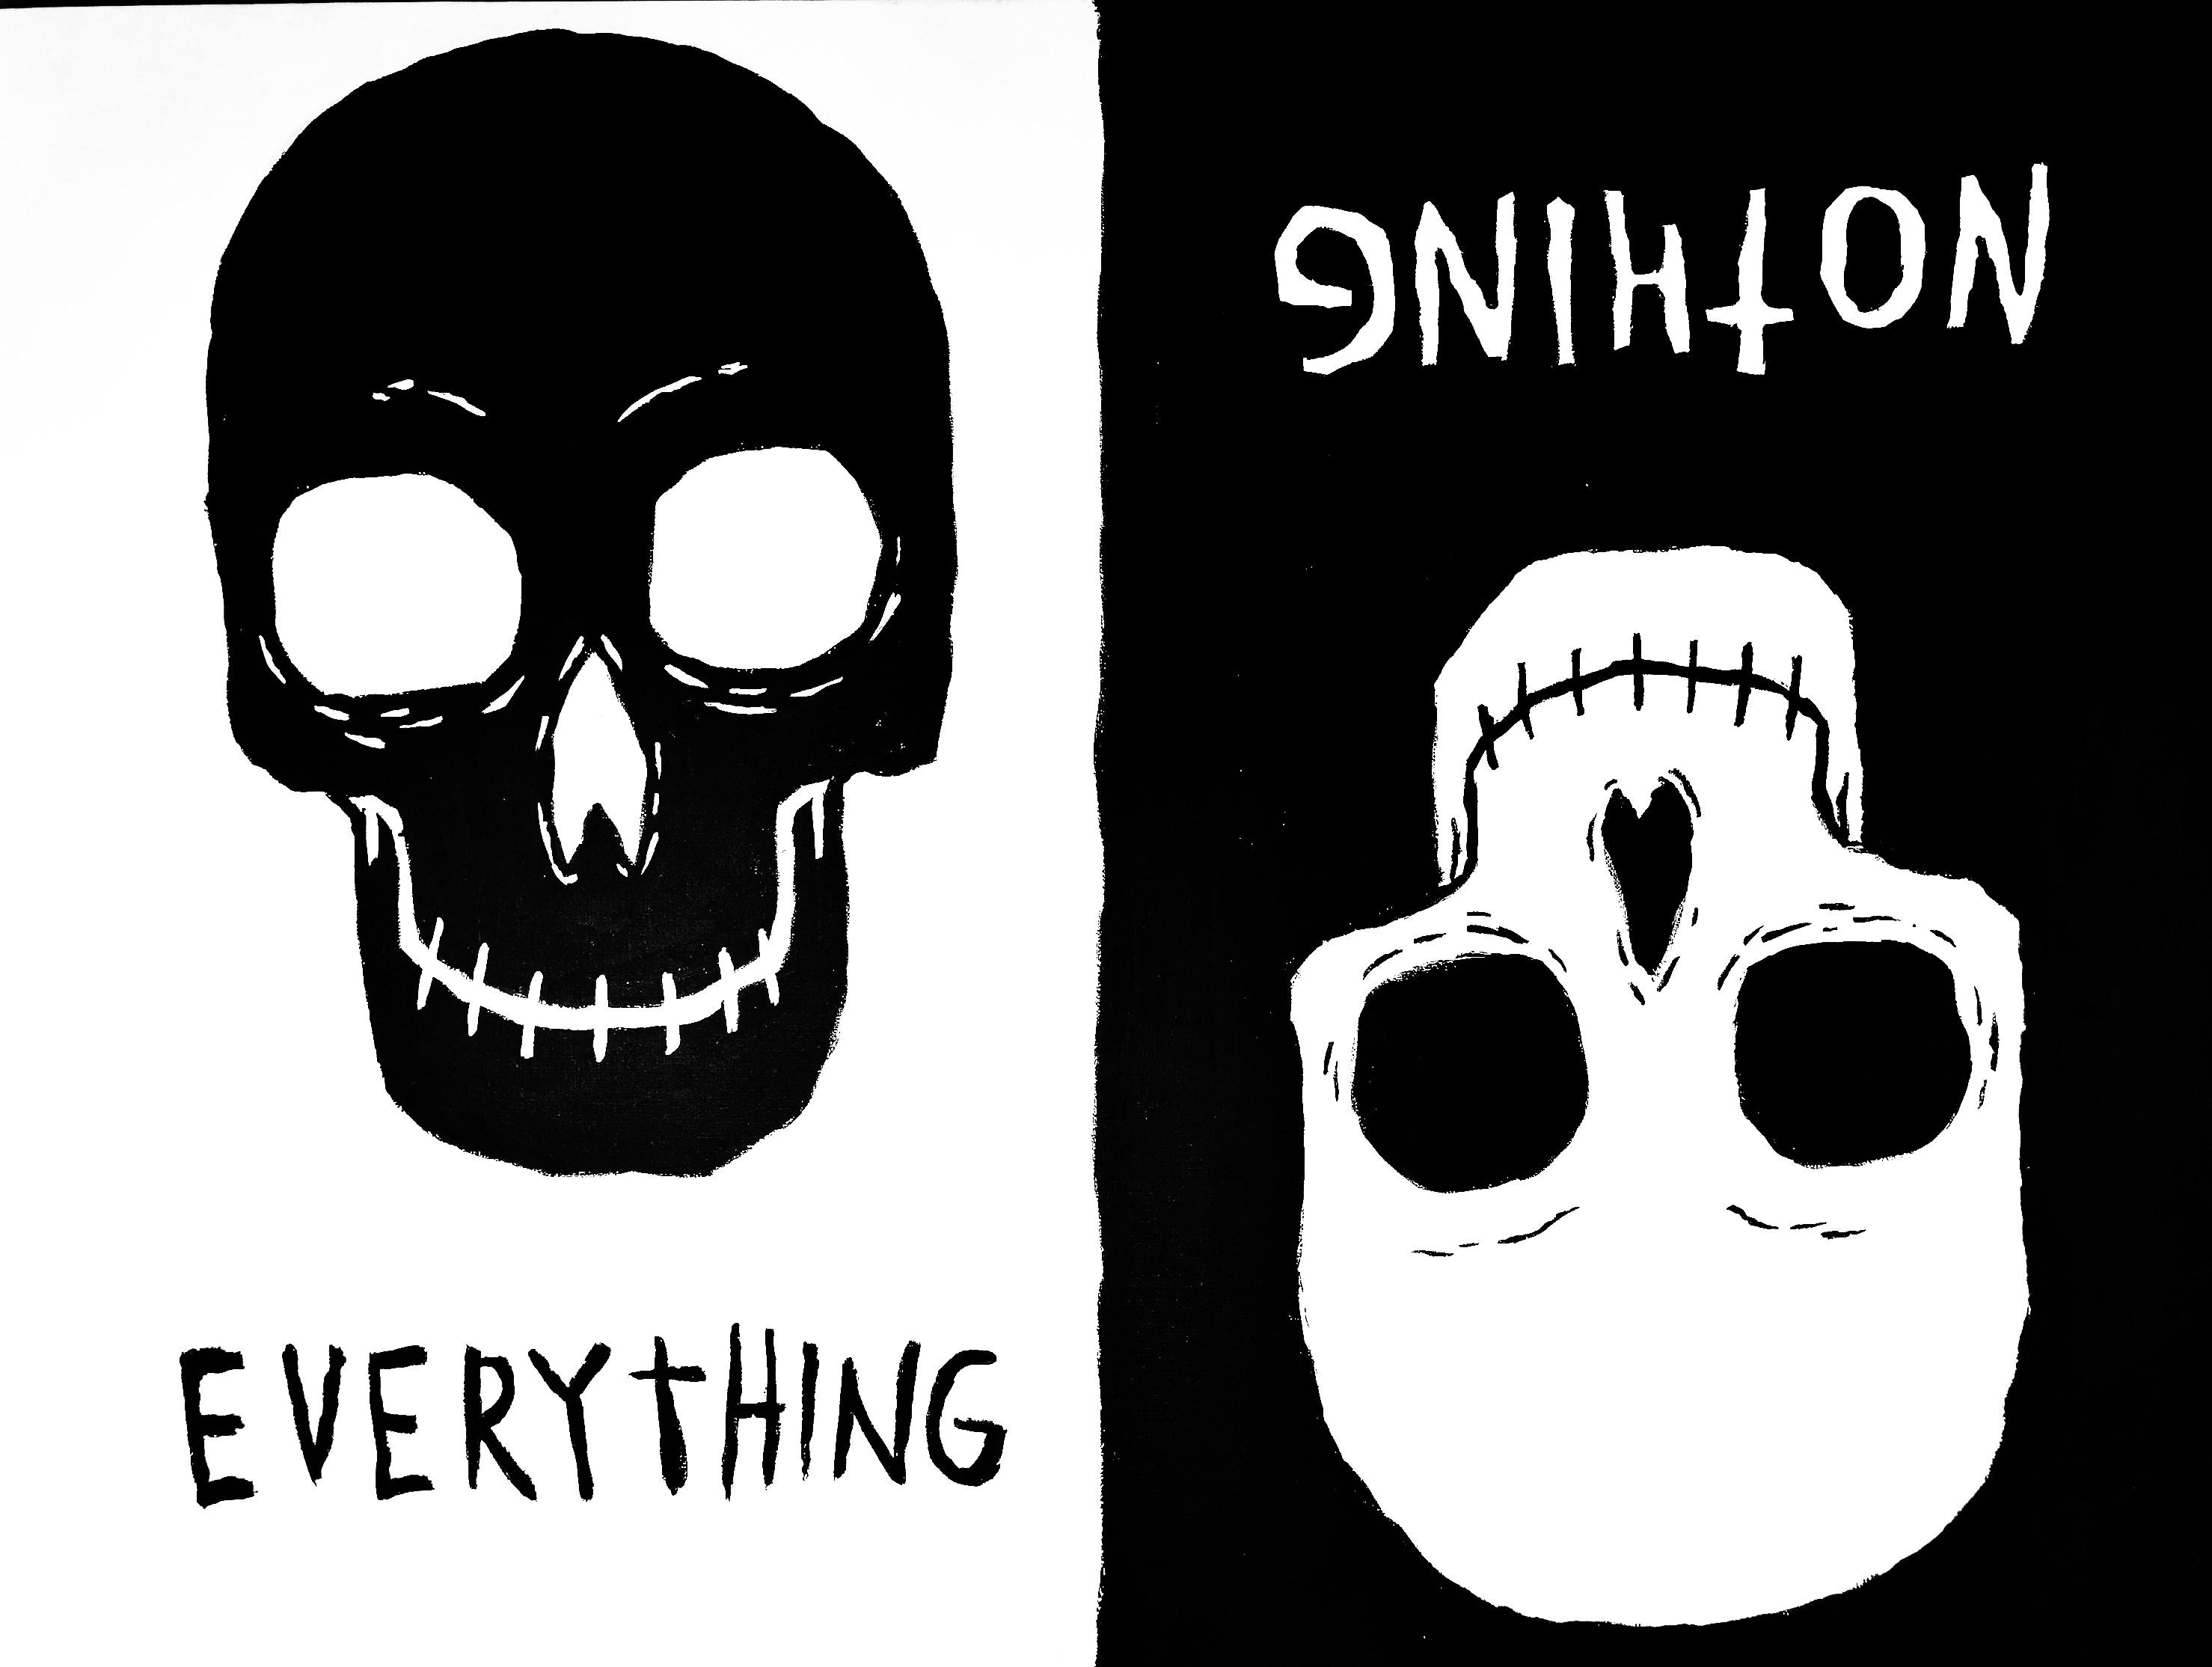 everything/nothing